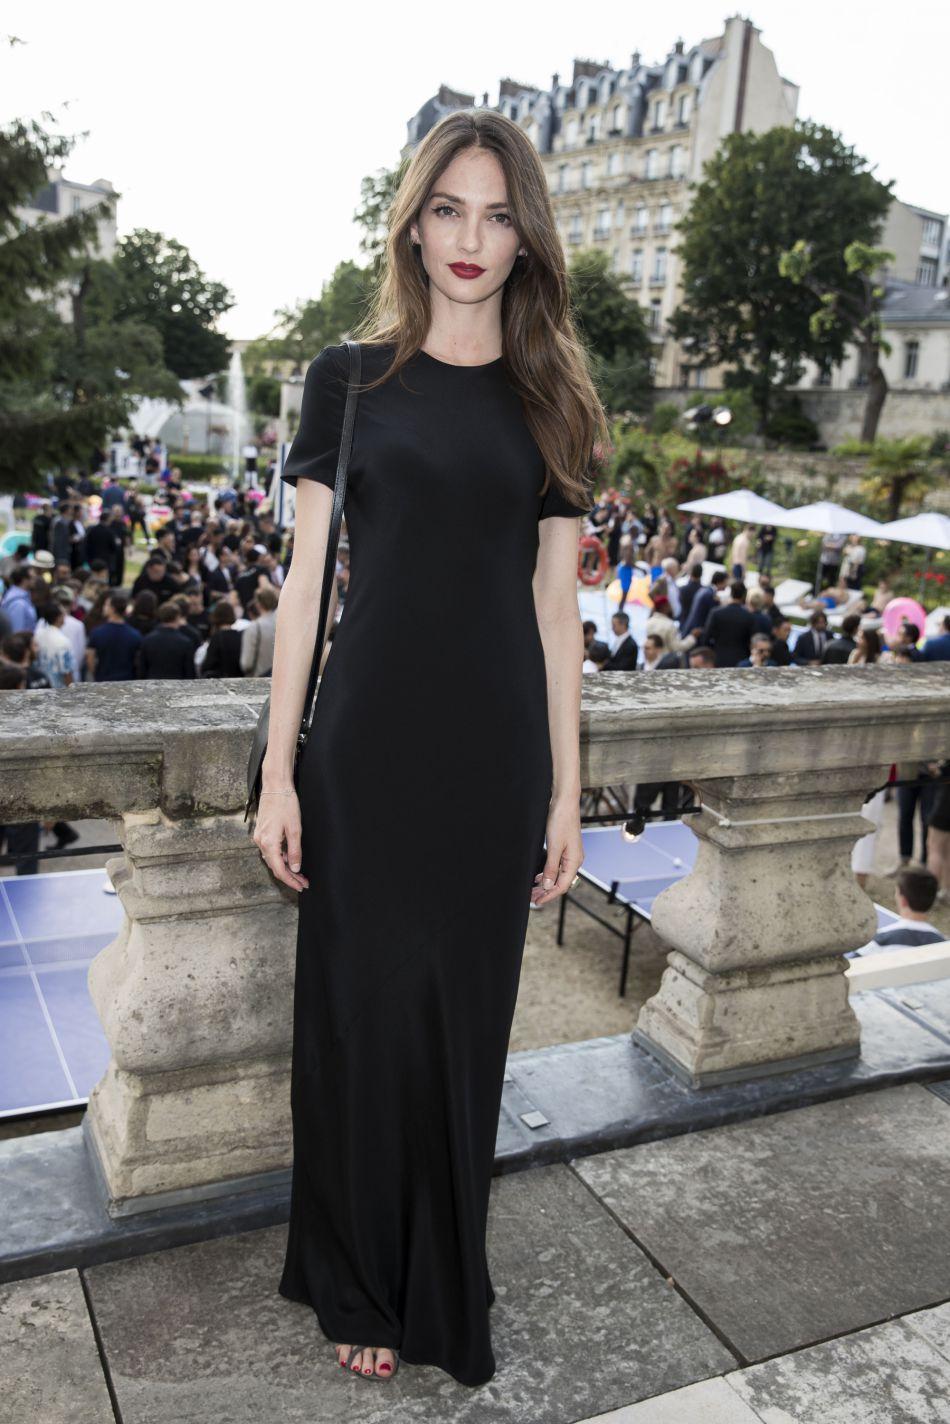 Annabelle Waters Belmondo, look chic et décontracté lors de la soirée Berlutti : elle s'installe comme l'icône mode à suivre !